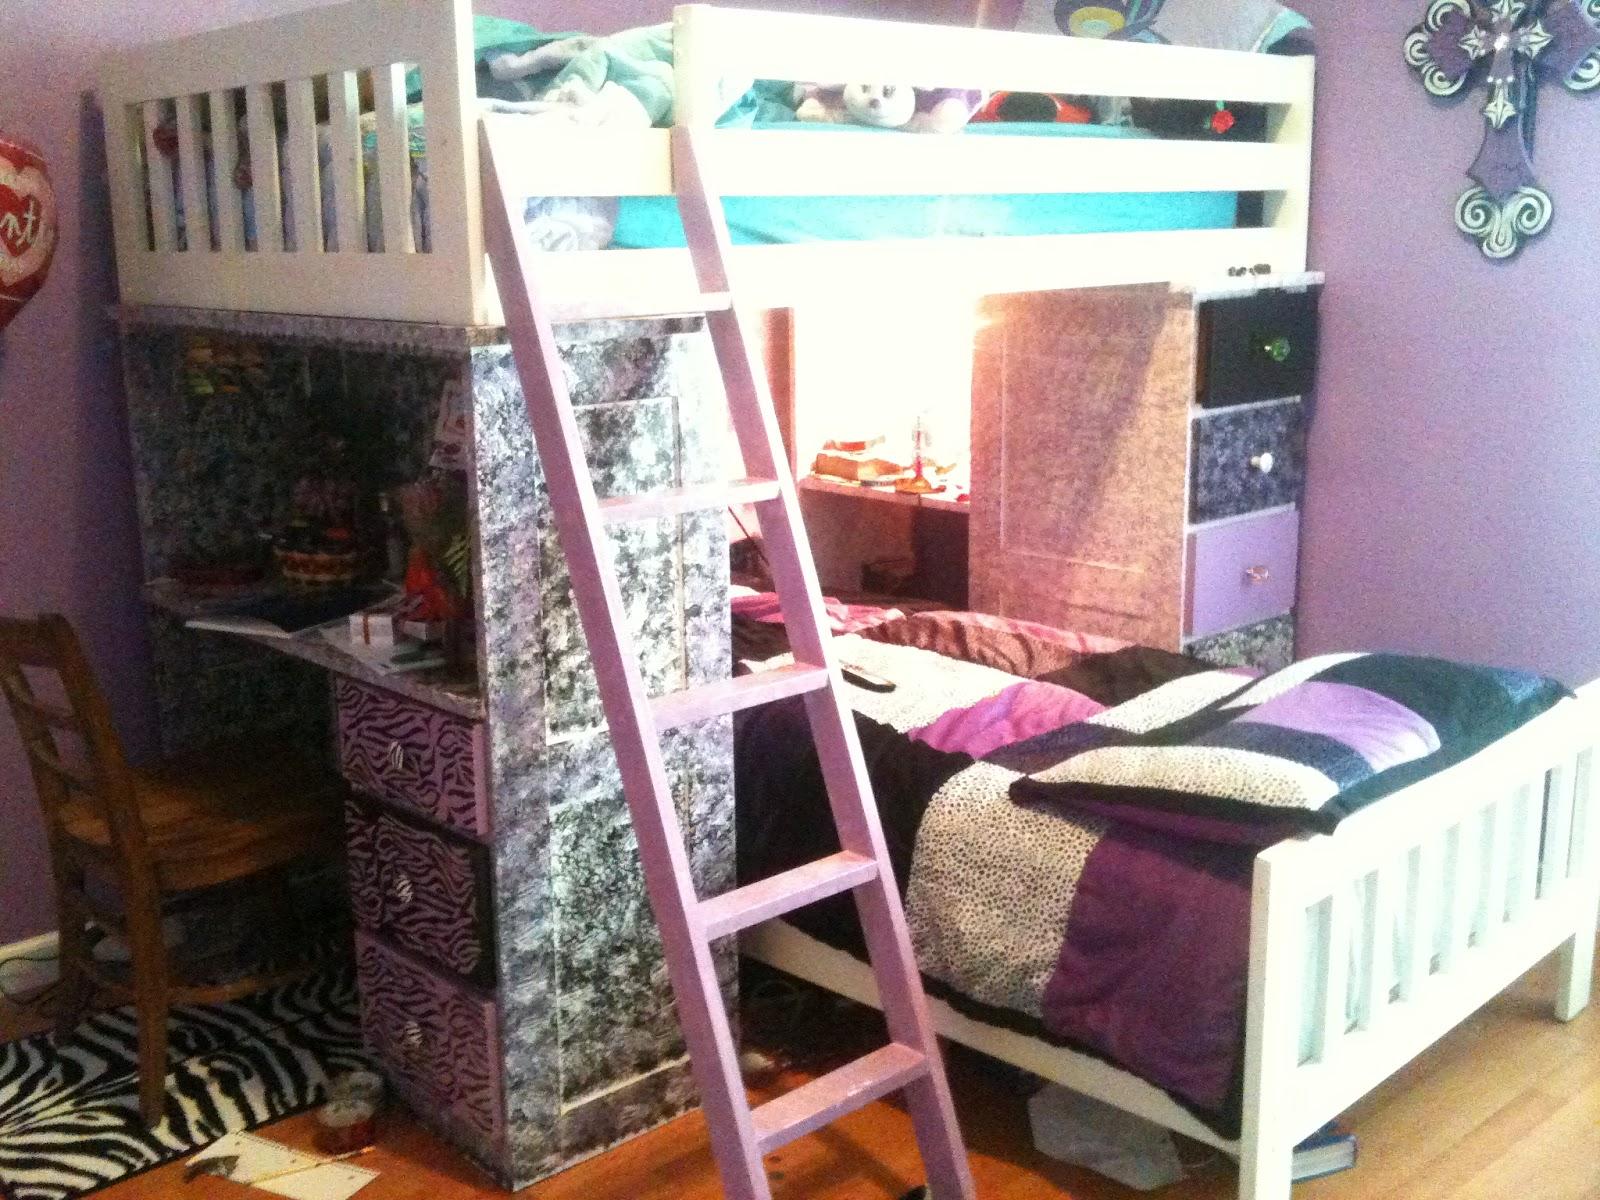 14 images of beds for 10 year olds djenne homes. Black Bedroom Furniture Sets. Home Design Ideas